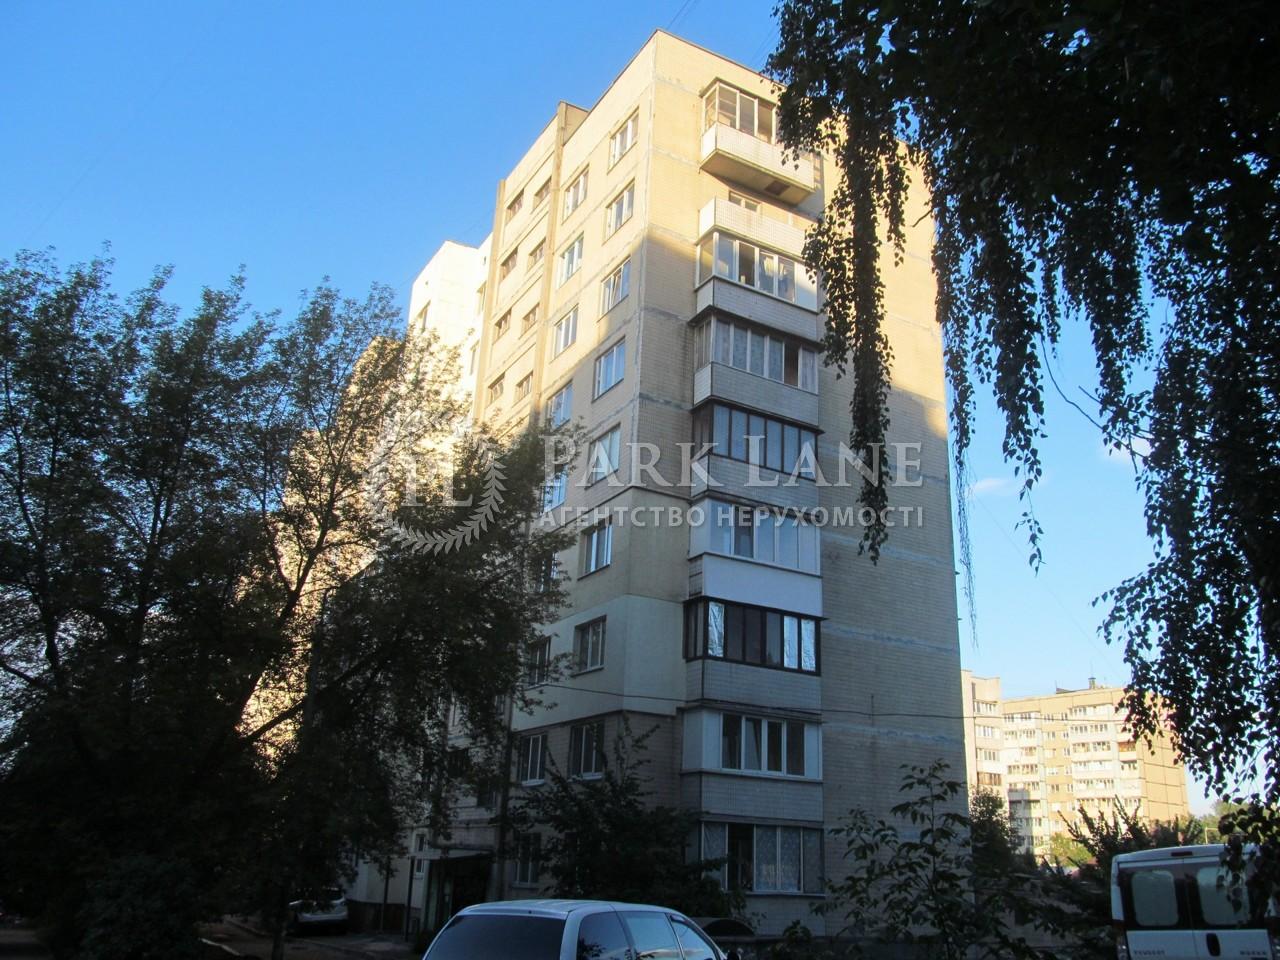 Квартира вул. Петропавлівська, 11, Київ, B-85167 - Фото 1